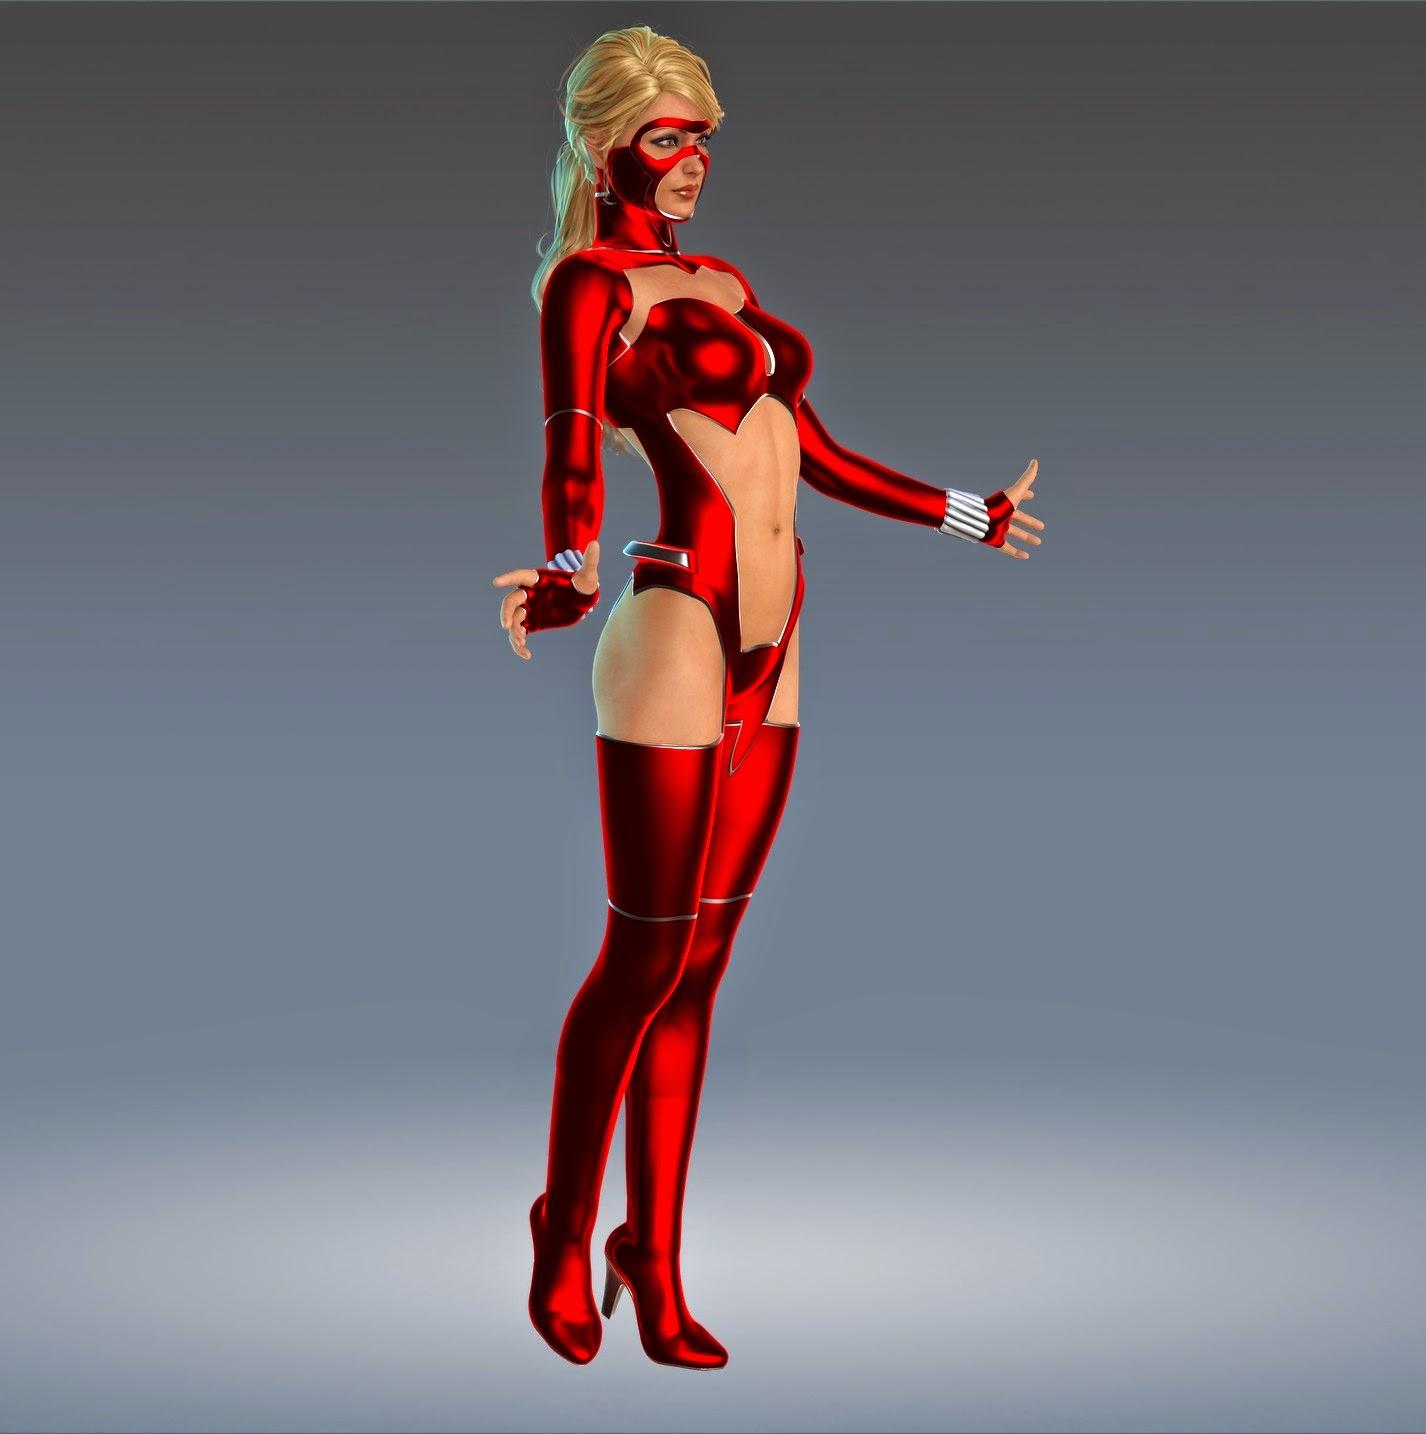 3d Models Art Zone - Supersuit Color Corps